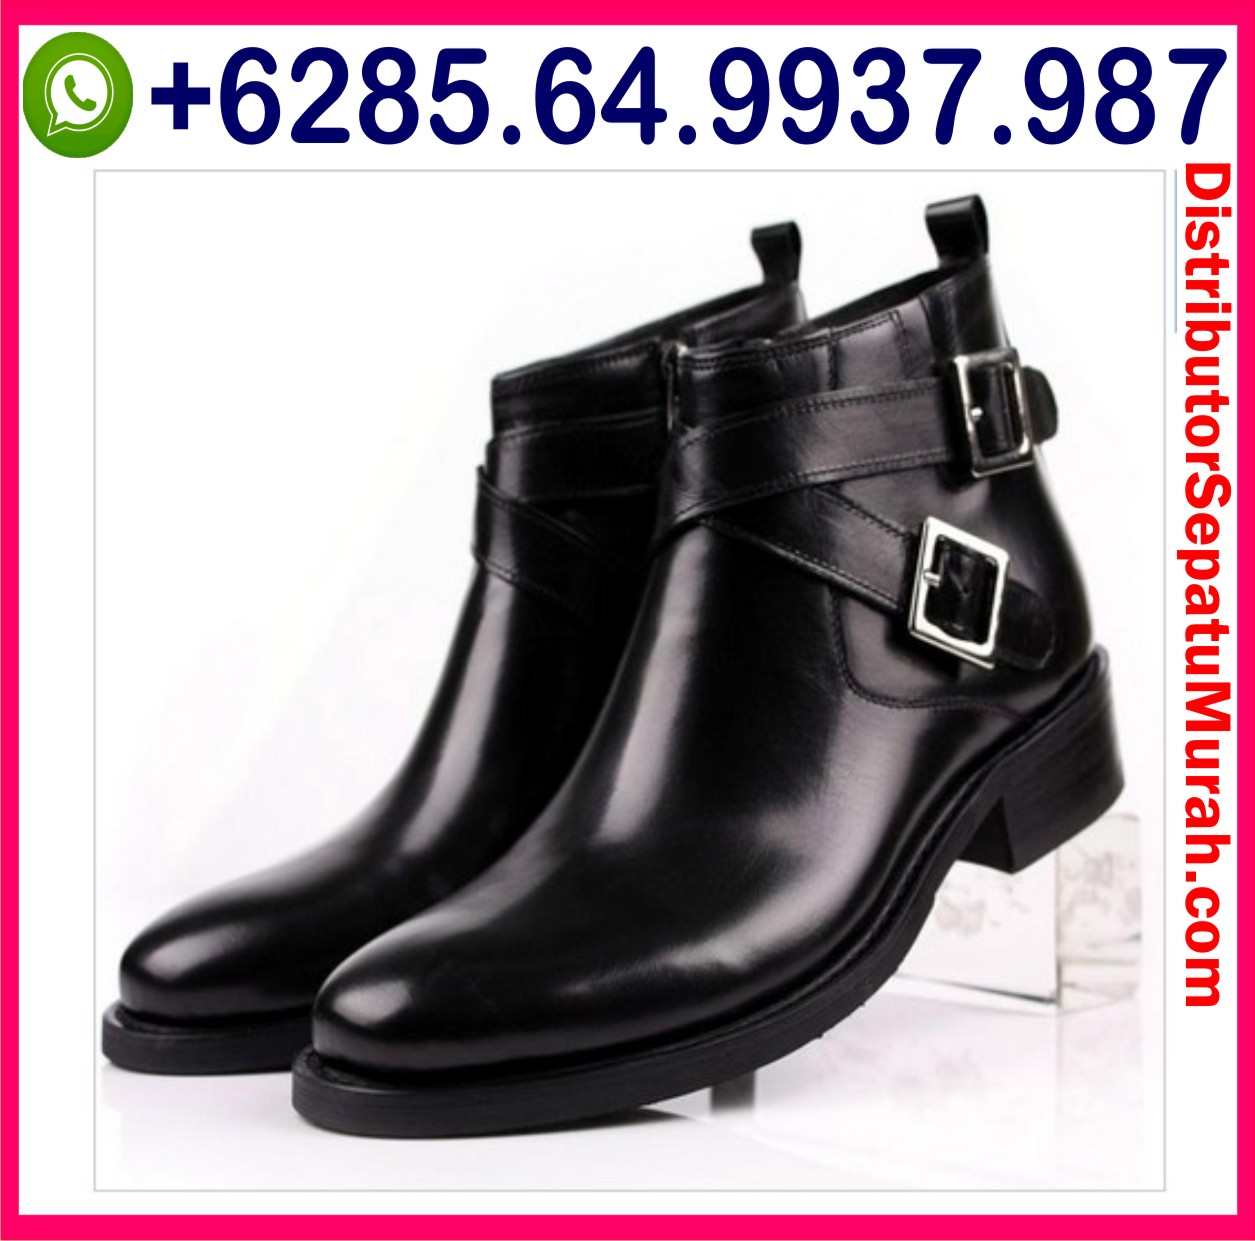 Sepatu Wanita Terbaru fbfbb575ba